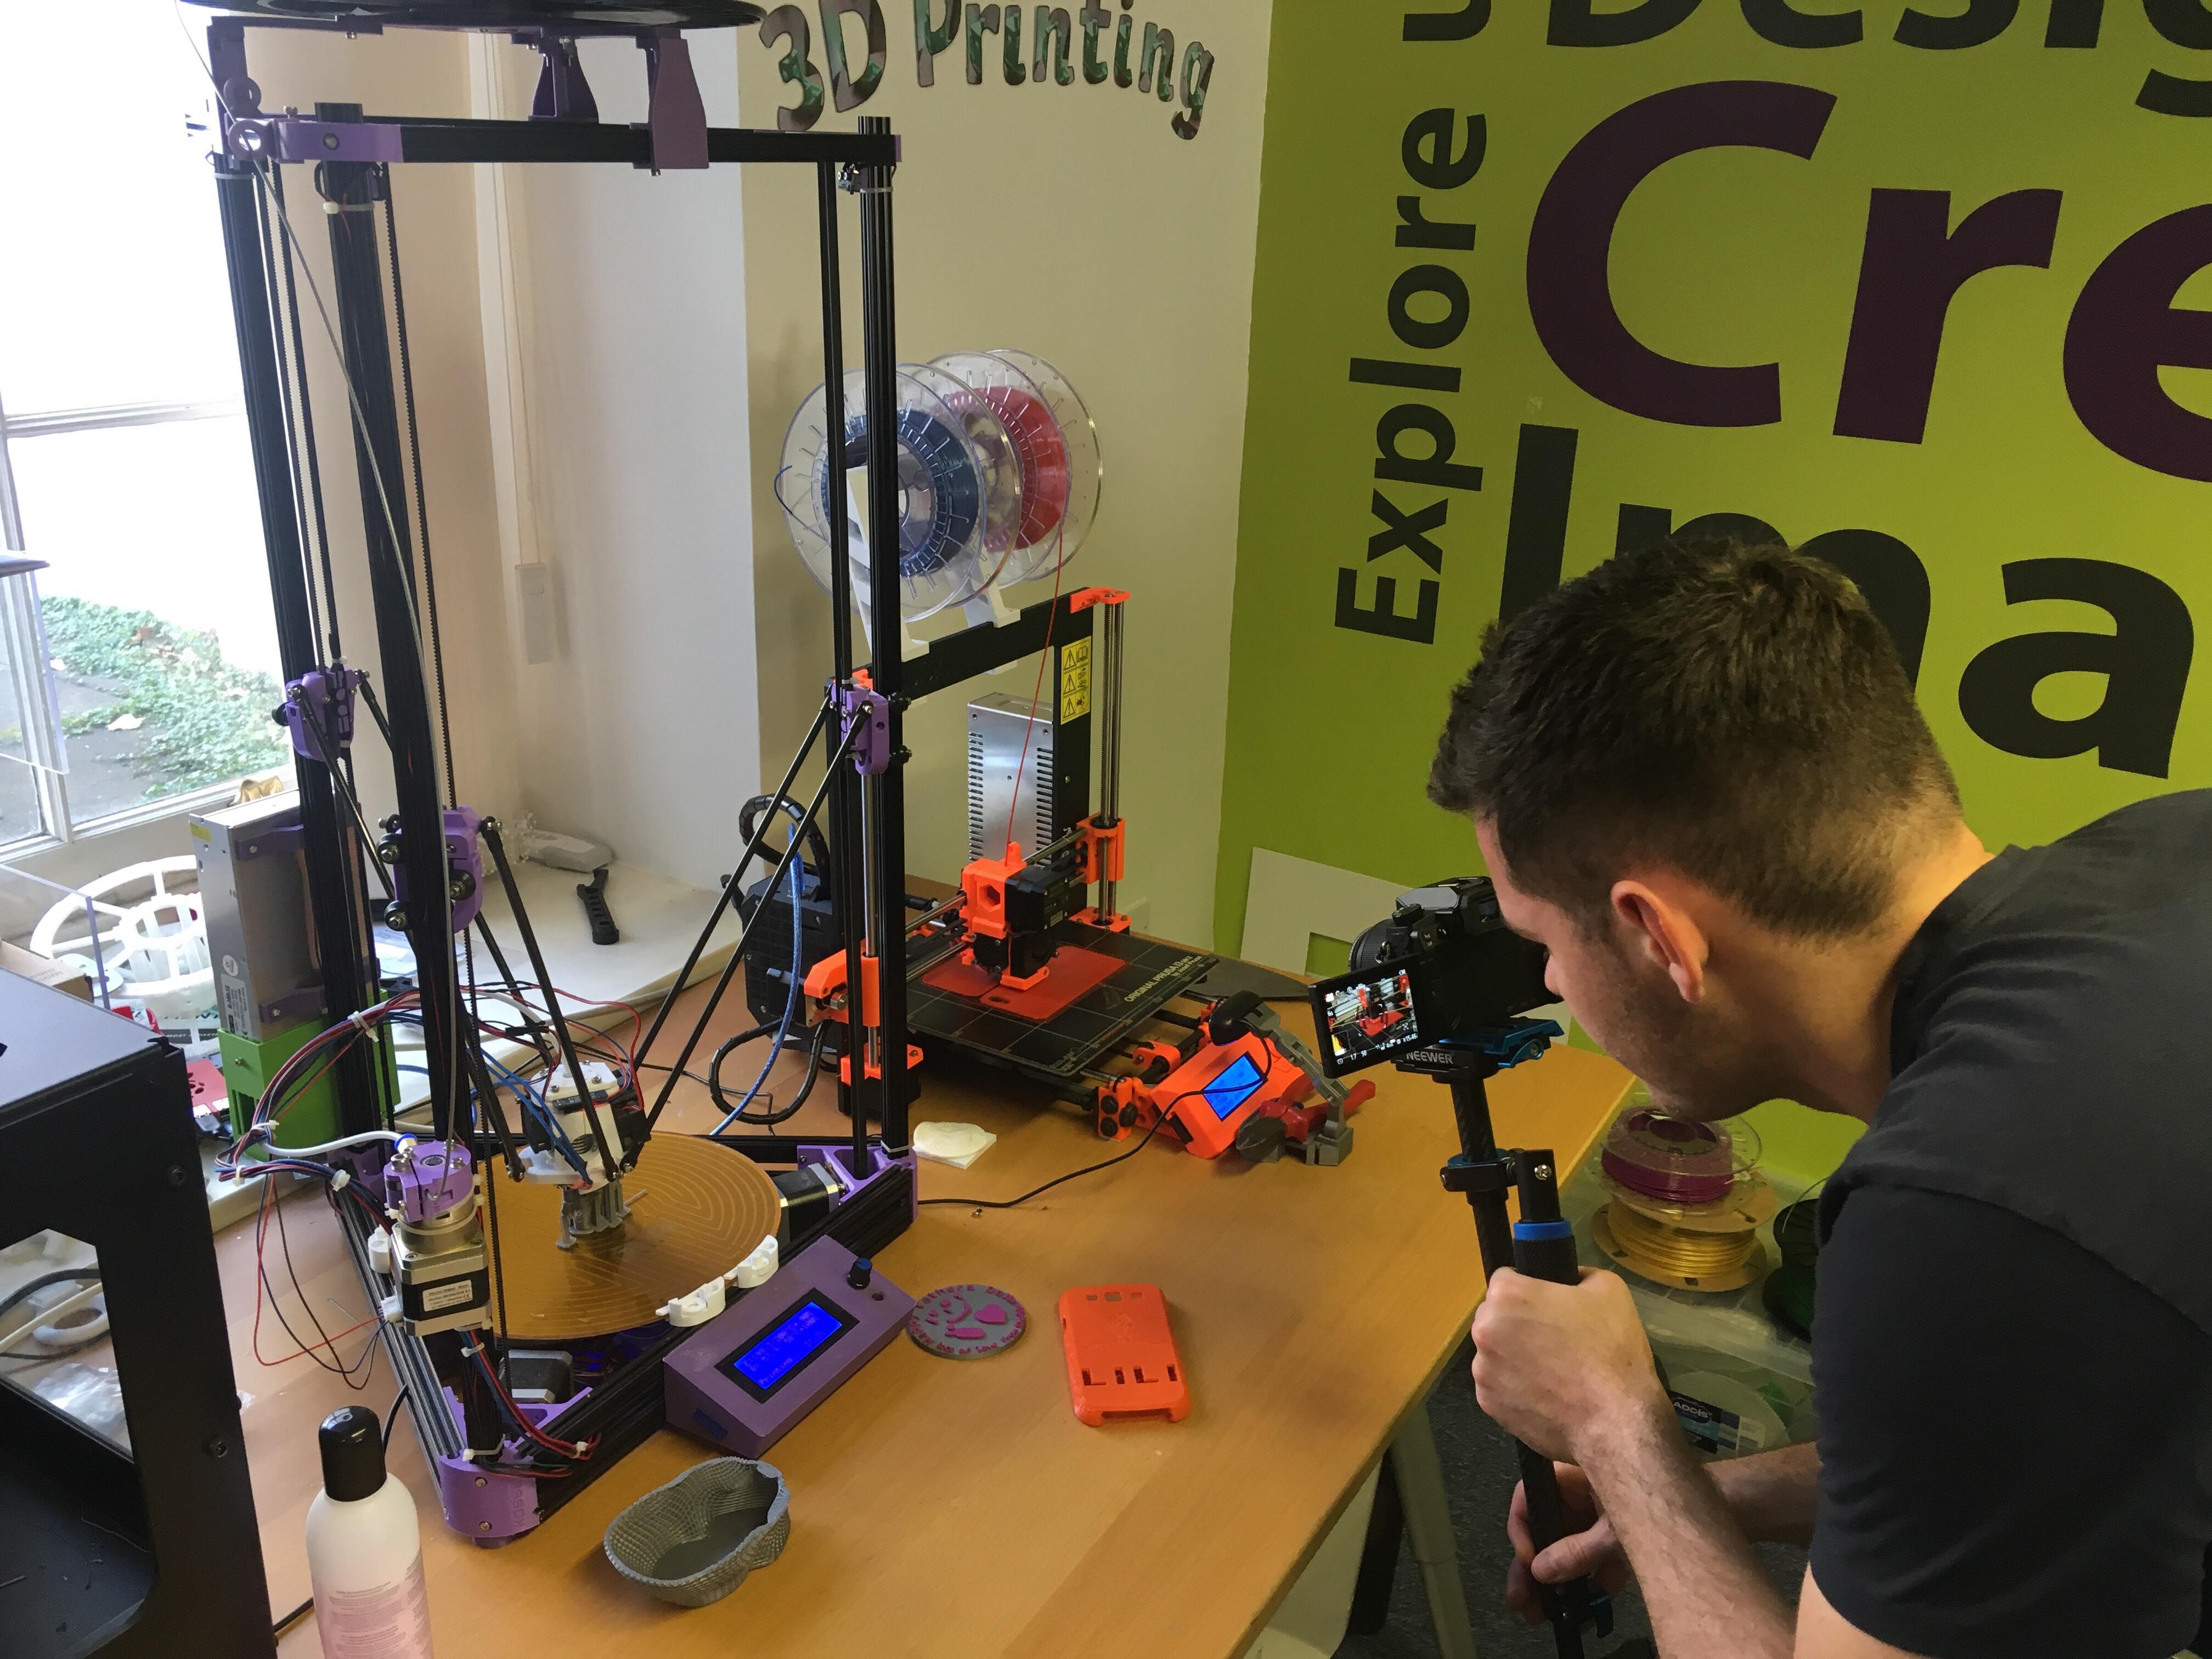 filming 3D printer